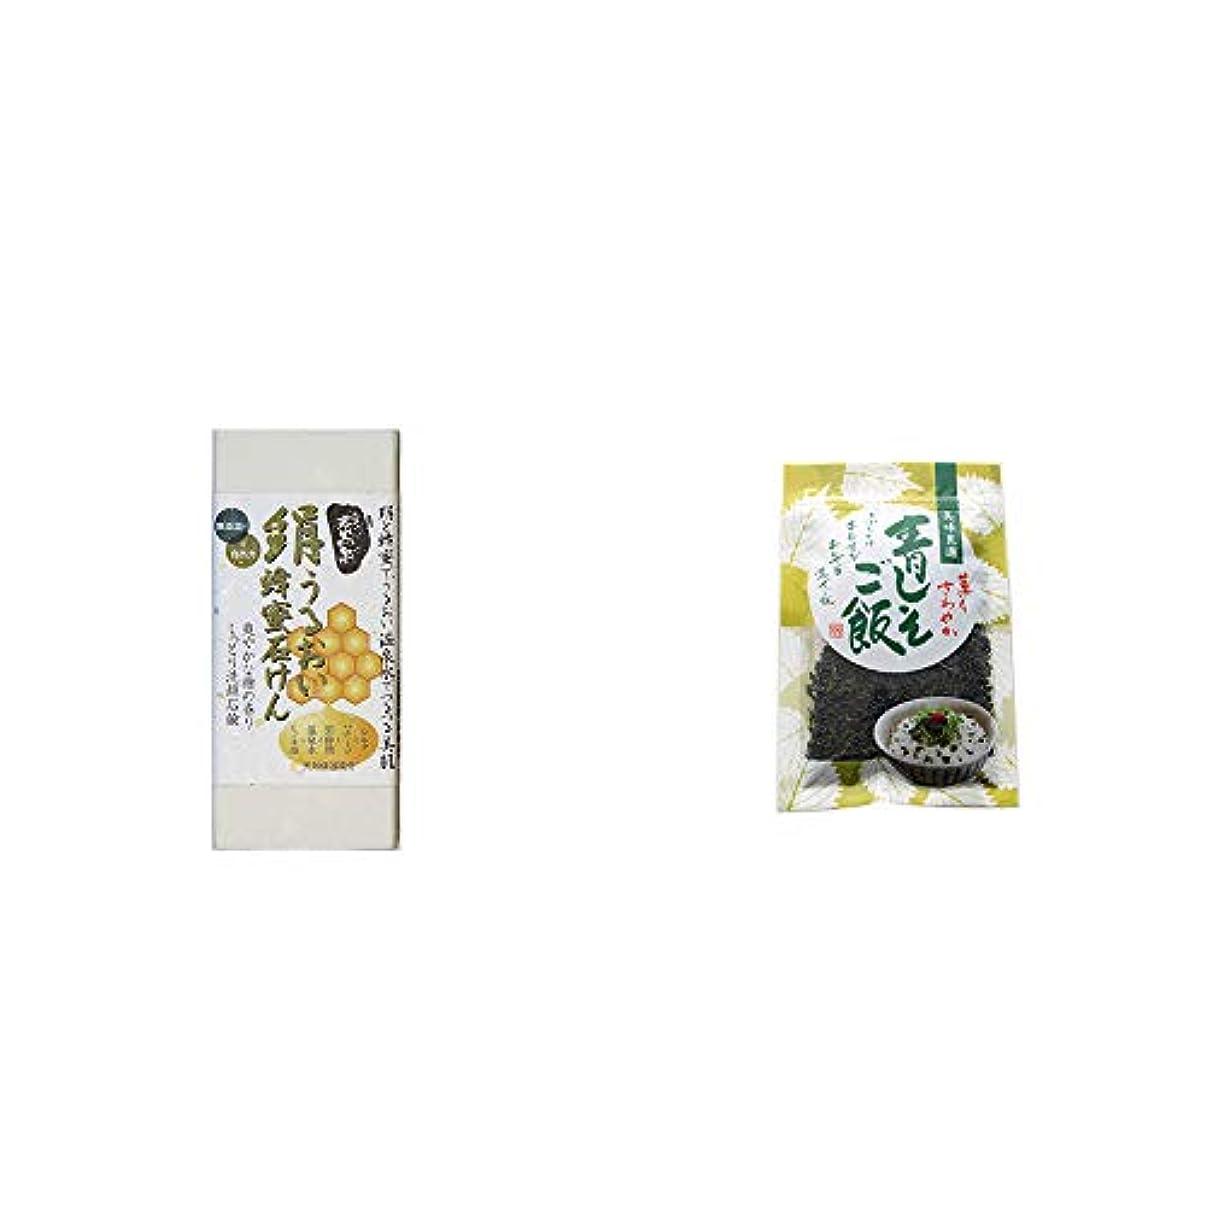 制裁思い出す行政[2点セット] ひのき炭黒泉 絹うるおい蜂蜜石けん(75g×2)?薫りさわやか 青しそご飯(80g)